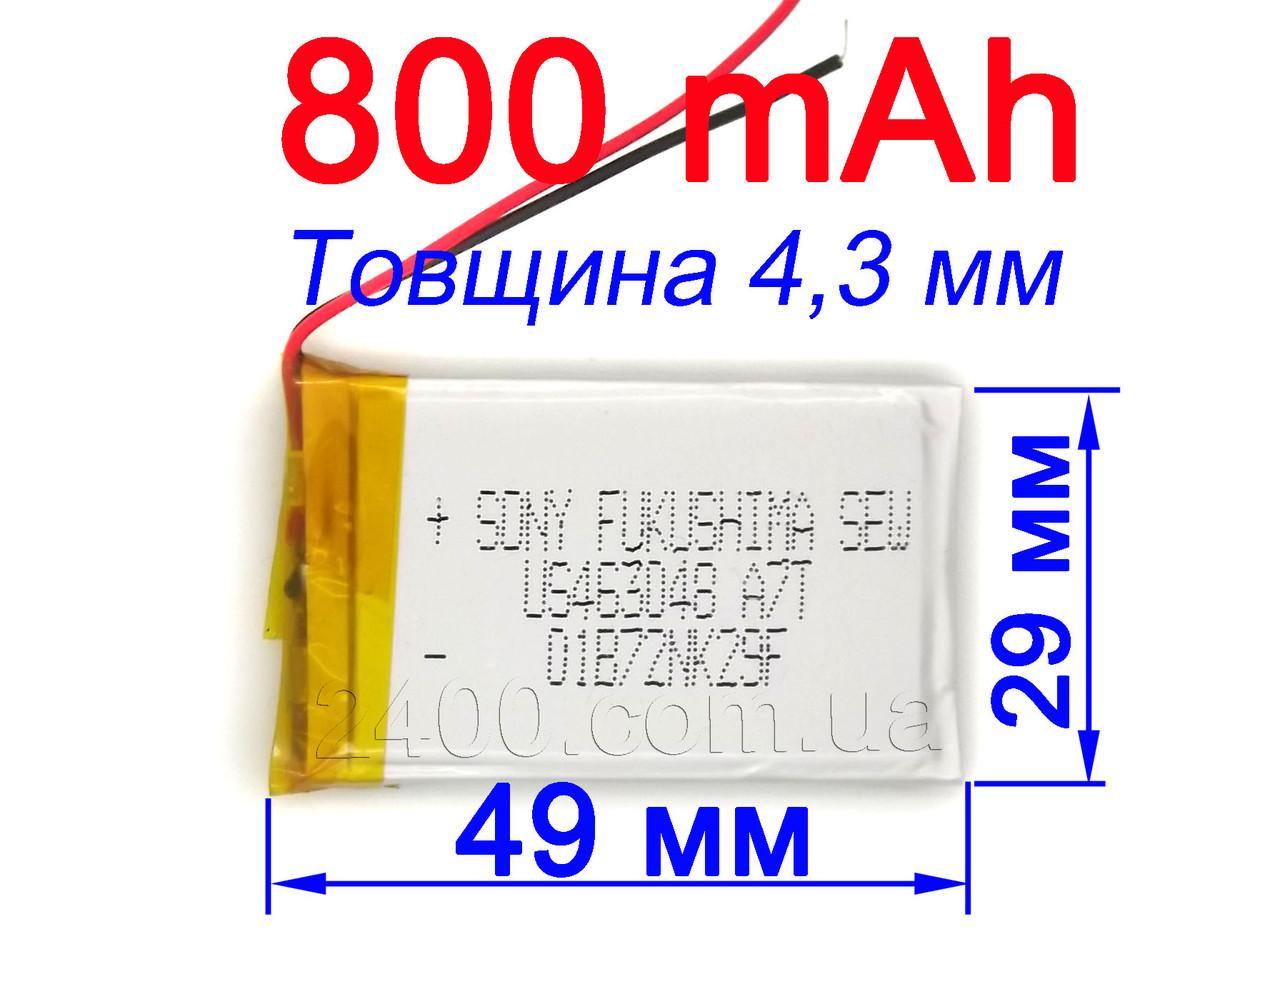 Аккумулятор 800 мАч 463048 3,7вSONYдля видеорегистратора, сигнализации, игрушек, наушников, Bluetooth (800mAh)